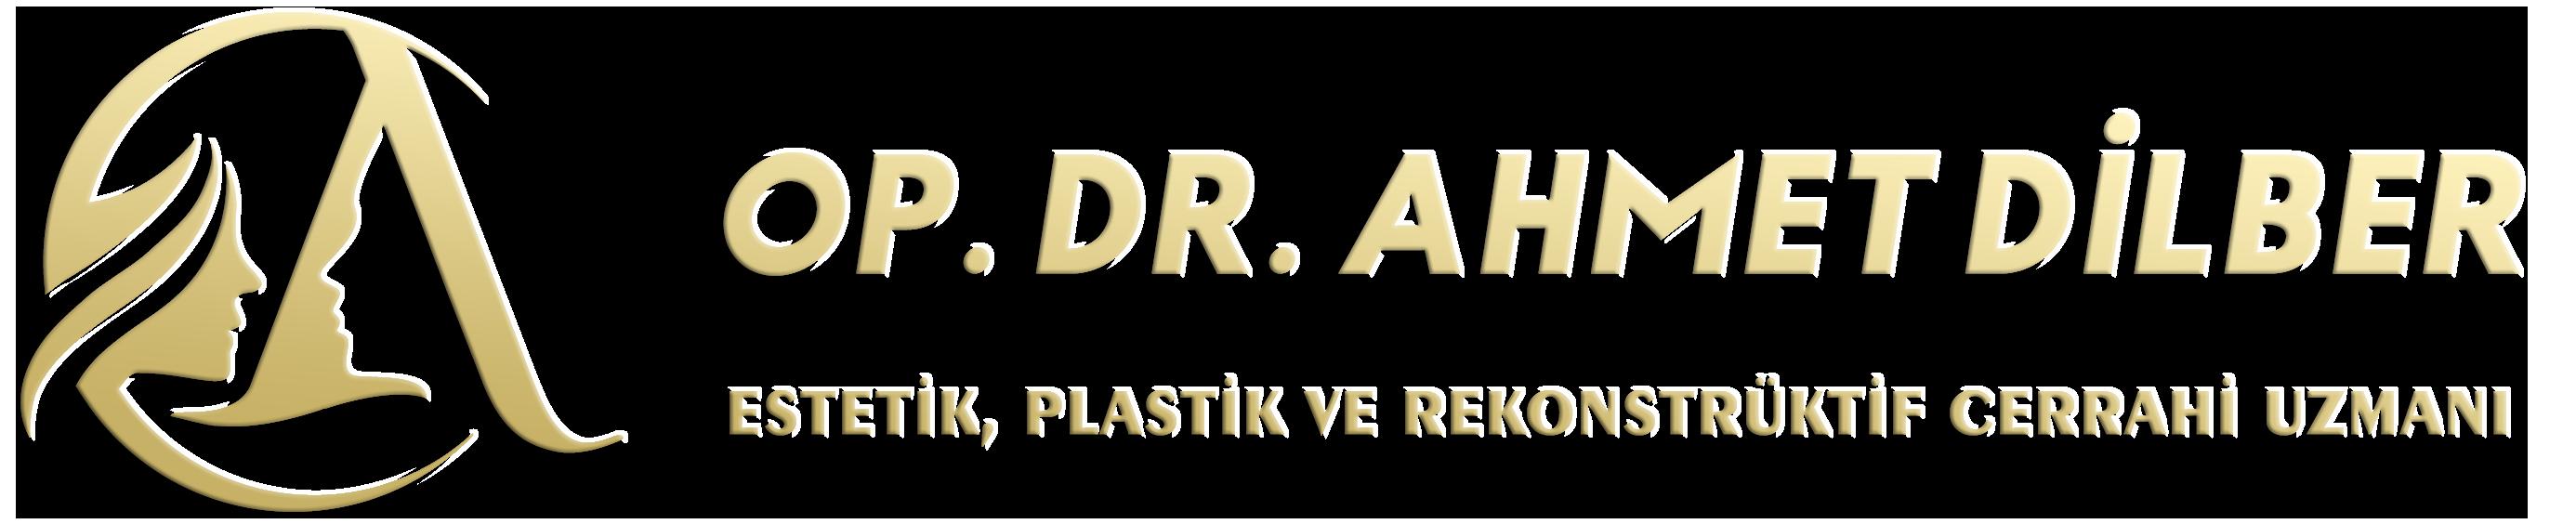 Ahmet Dilber